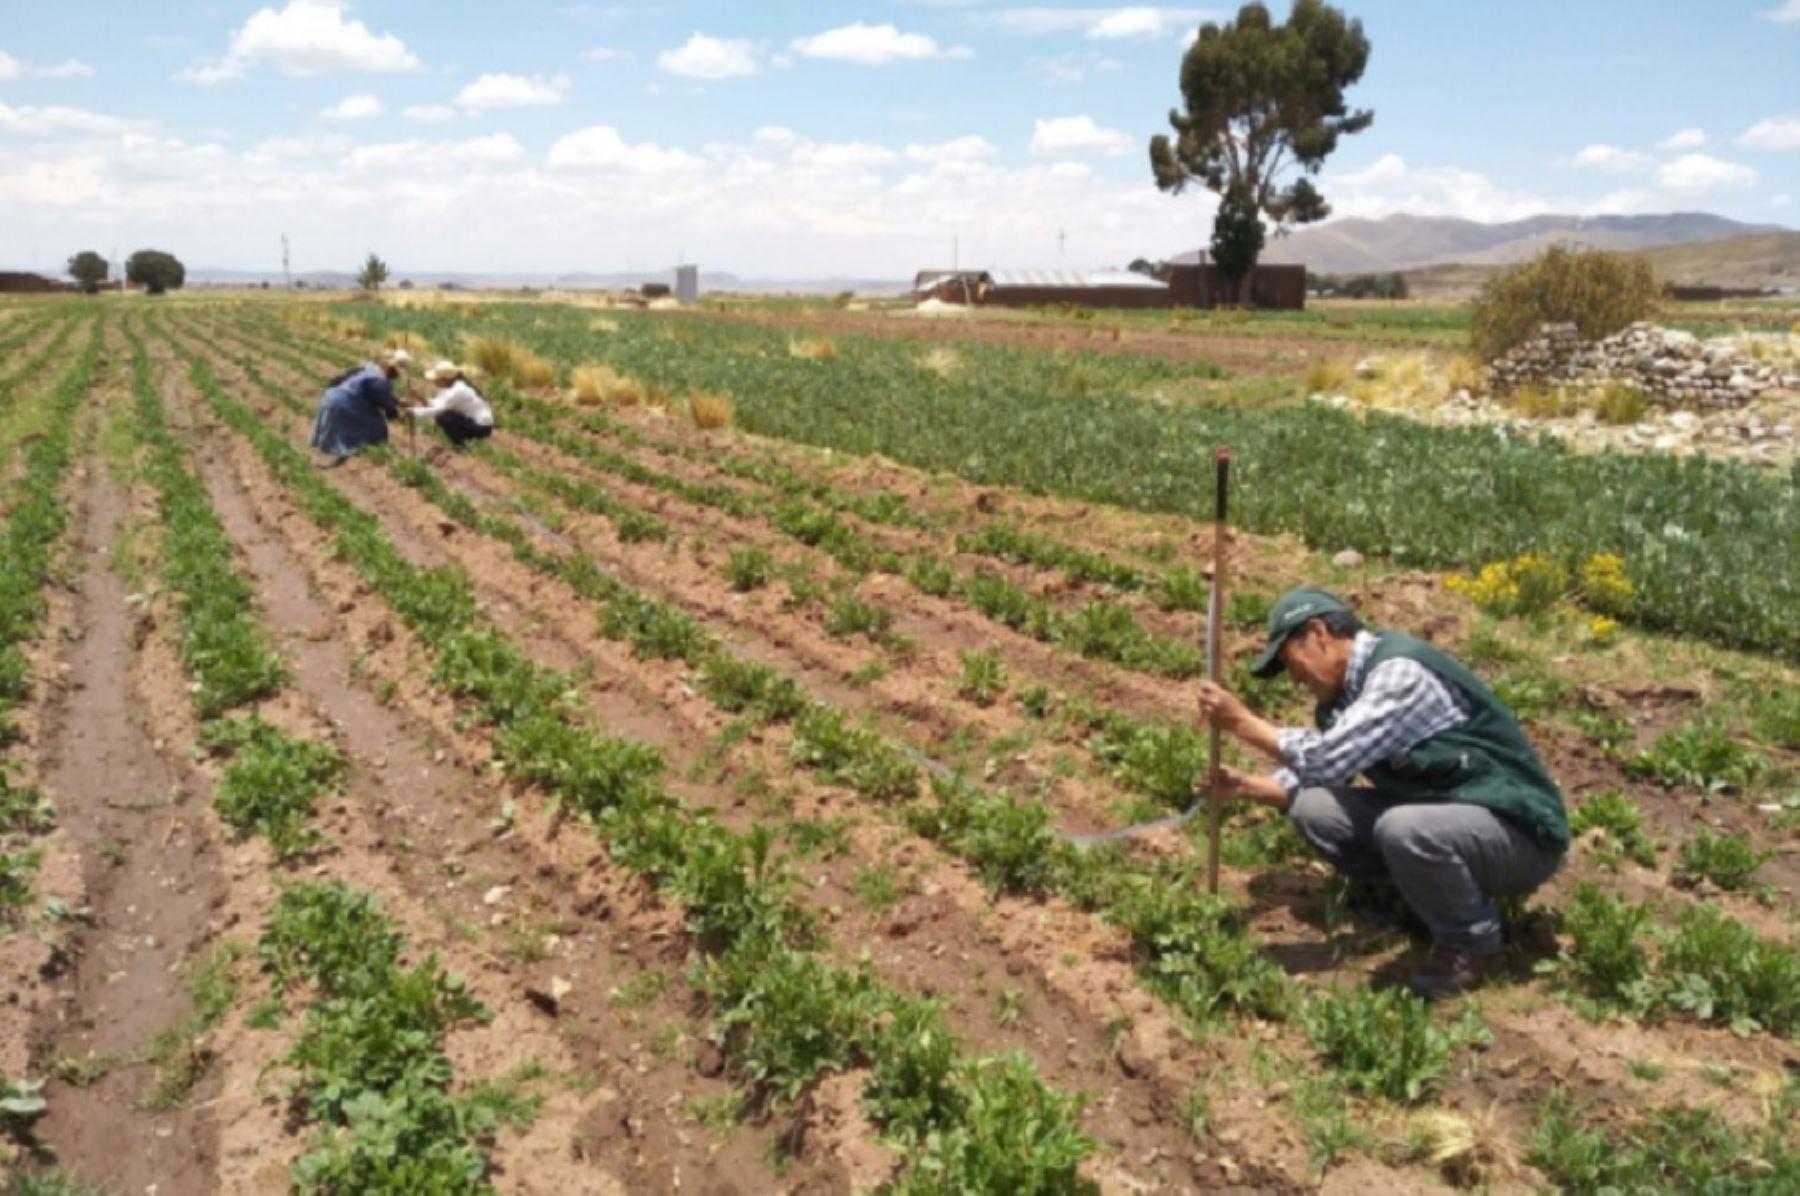 El nuevo Agro Rural, unidad ejecutora del Ministerio de Desarrollo Agrario y Riego (Midagri) fortalece gestión descentralizada y articulada con Comités Regionales Agrarios (CGRAs) a fin de promover más acciones de calidad que beneficien directamente a los productores agropecuarios que practican la agricultura familiar a nivel nacional.